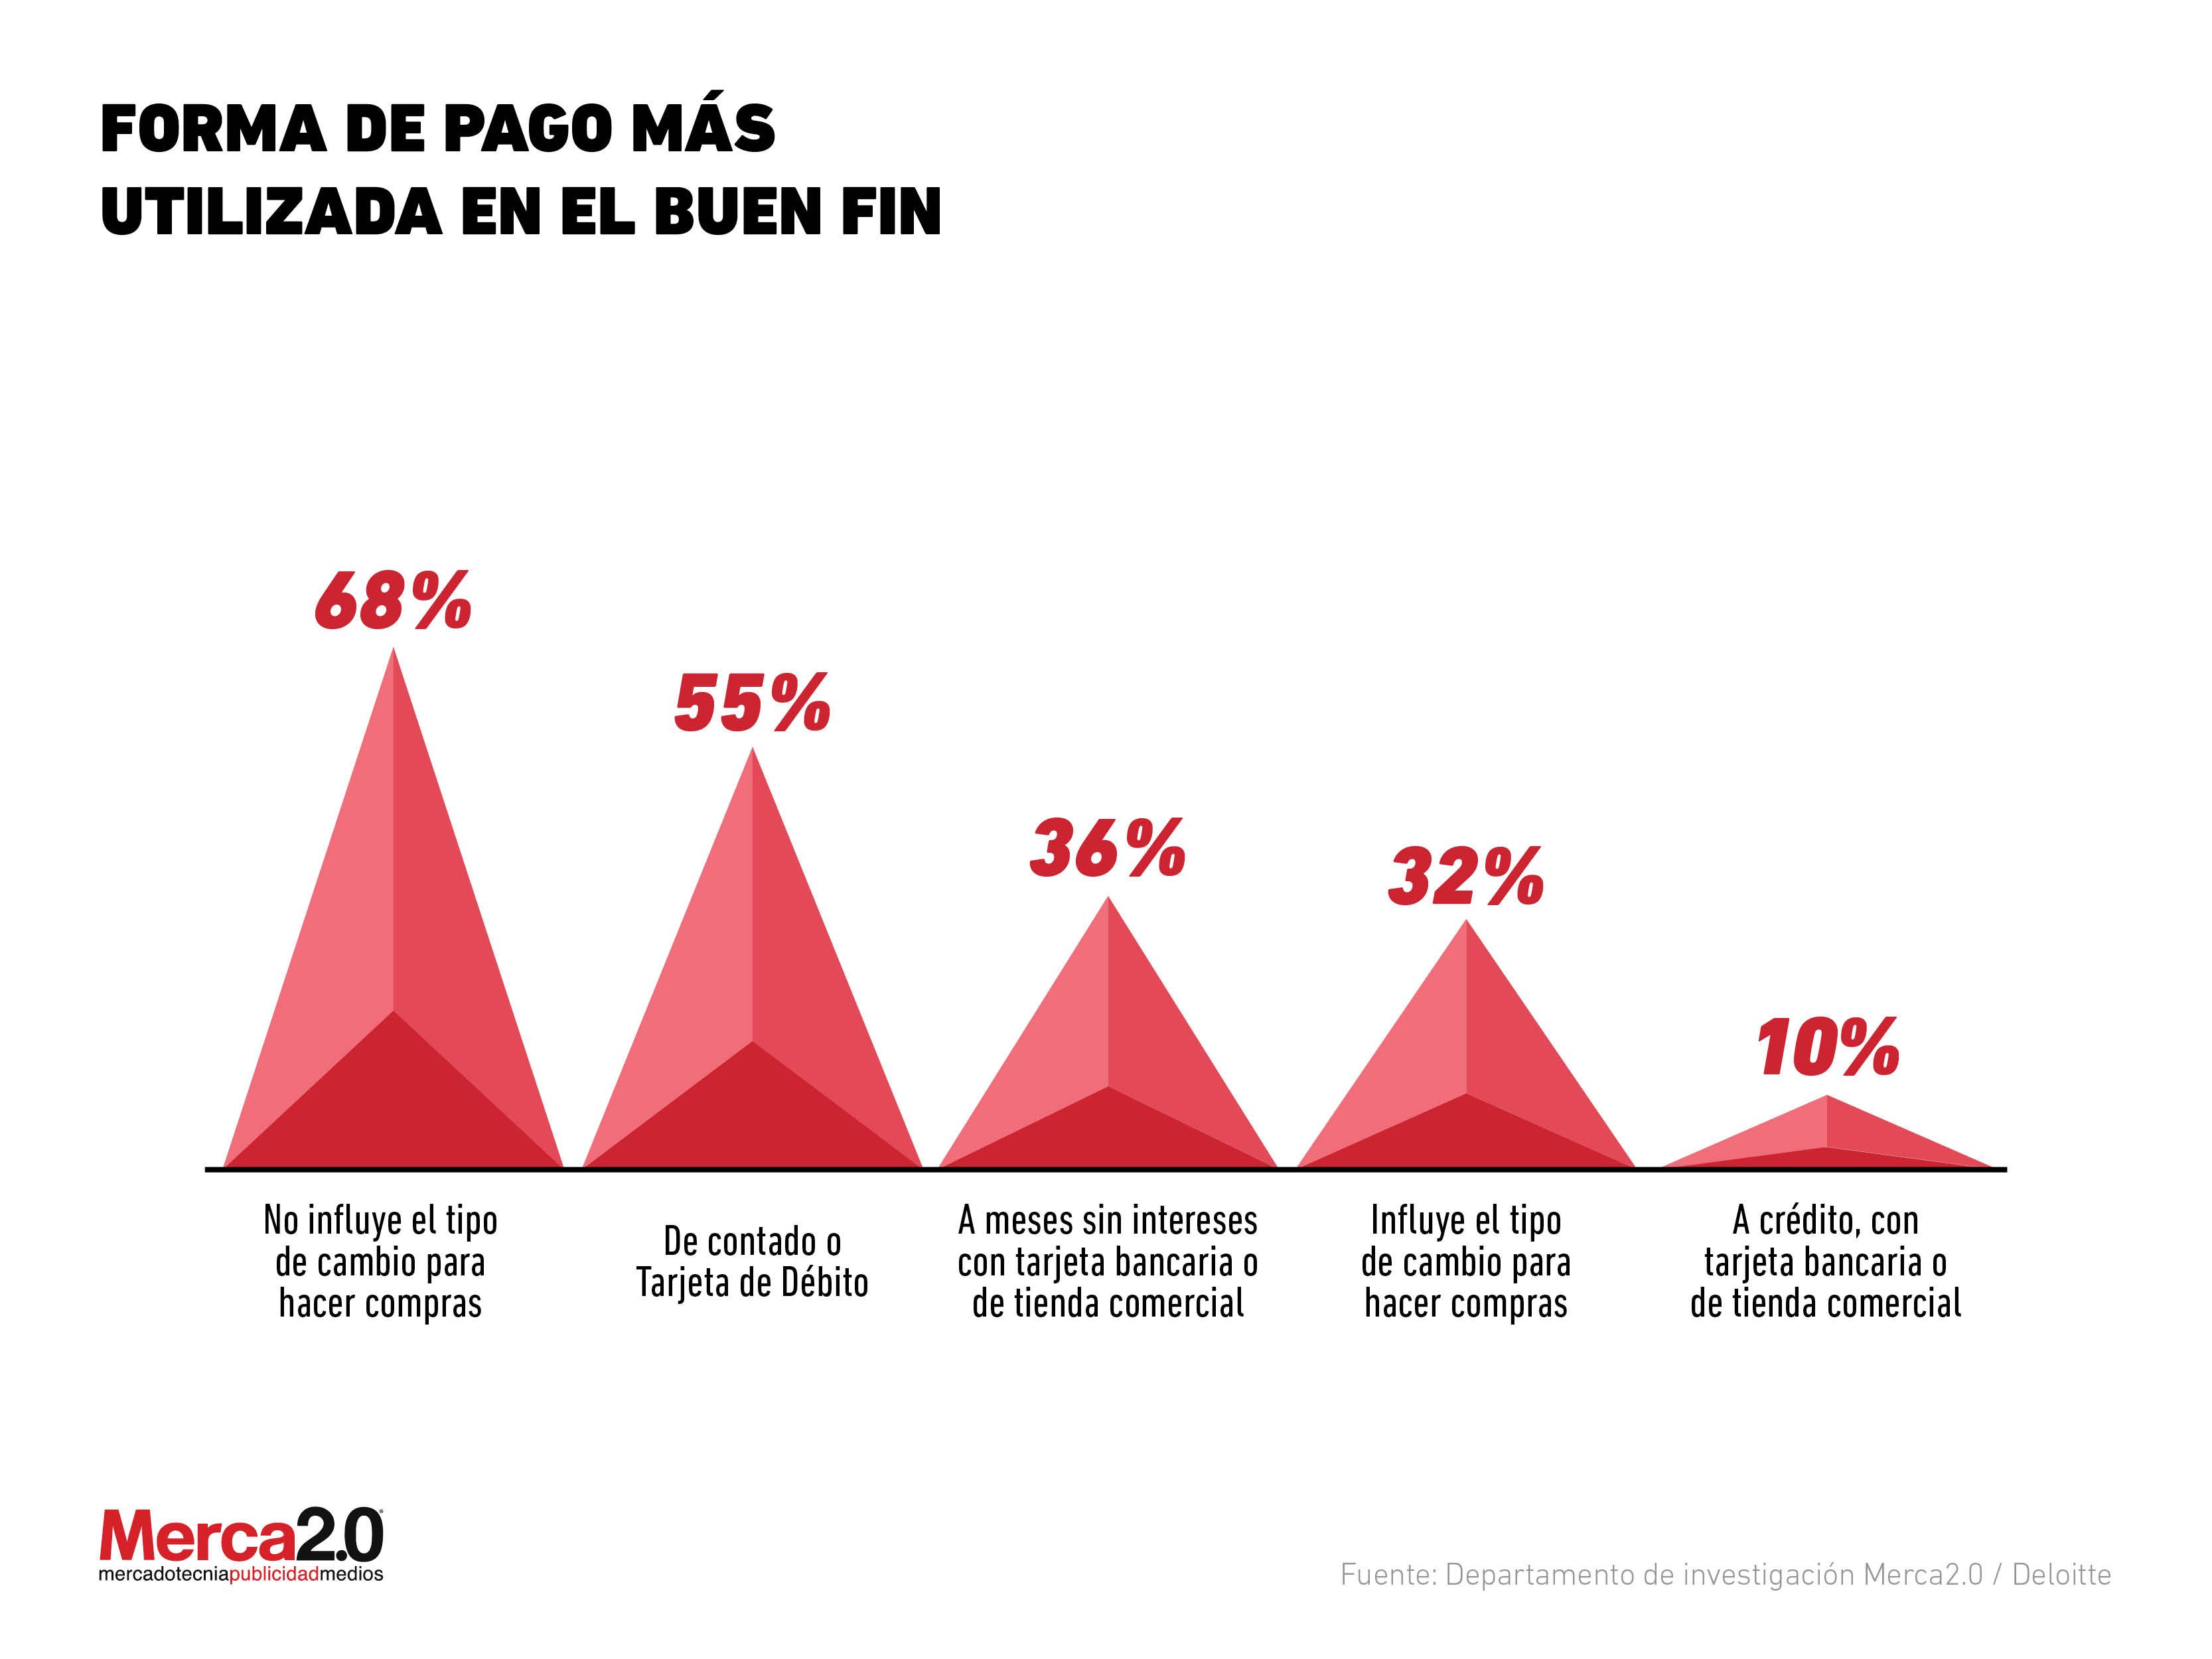 Gráfica del Día Forma de pago más utilizada en el Buen Fin 2018